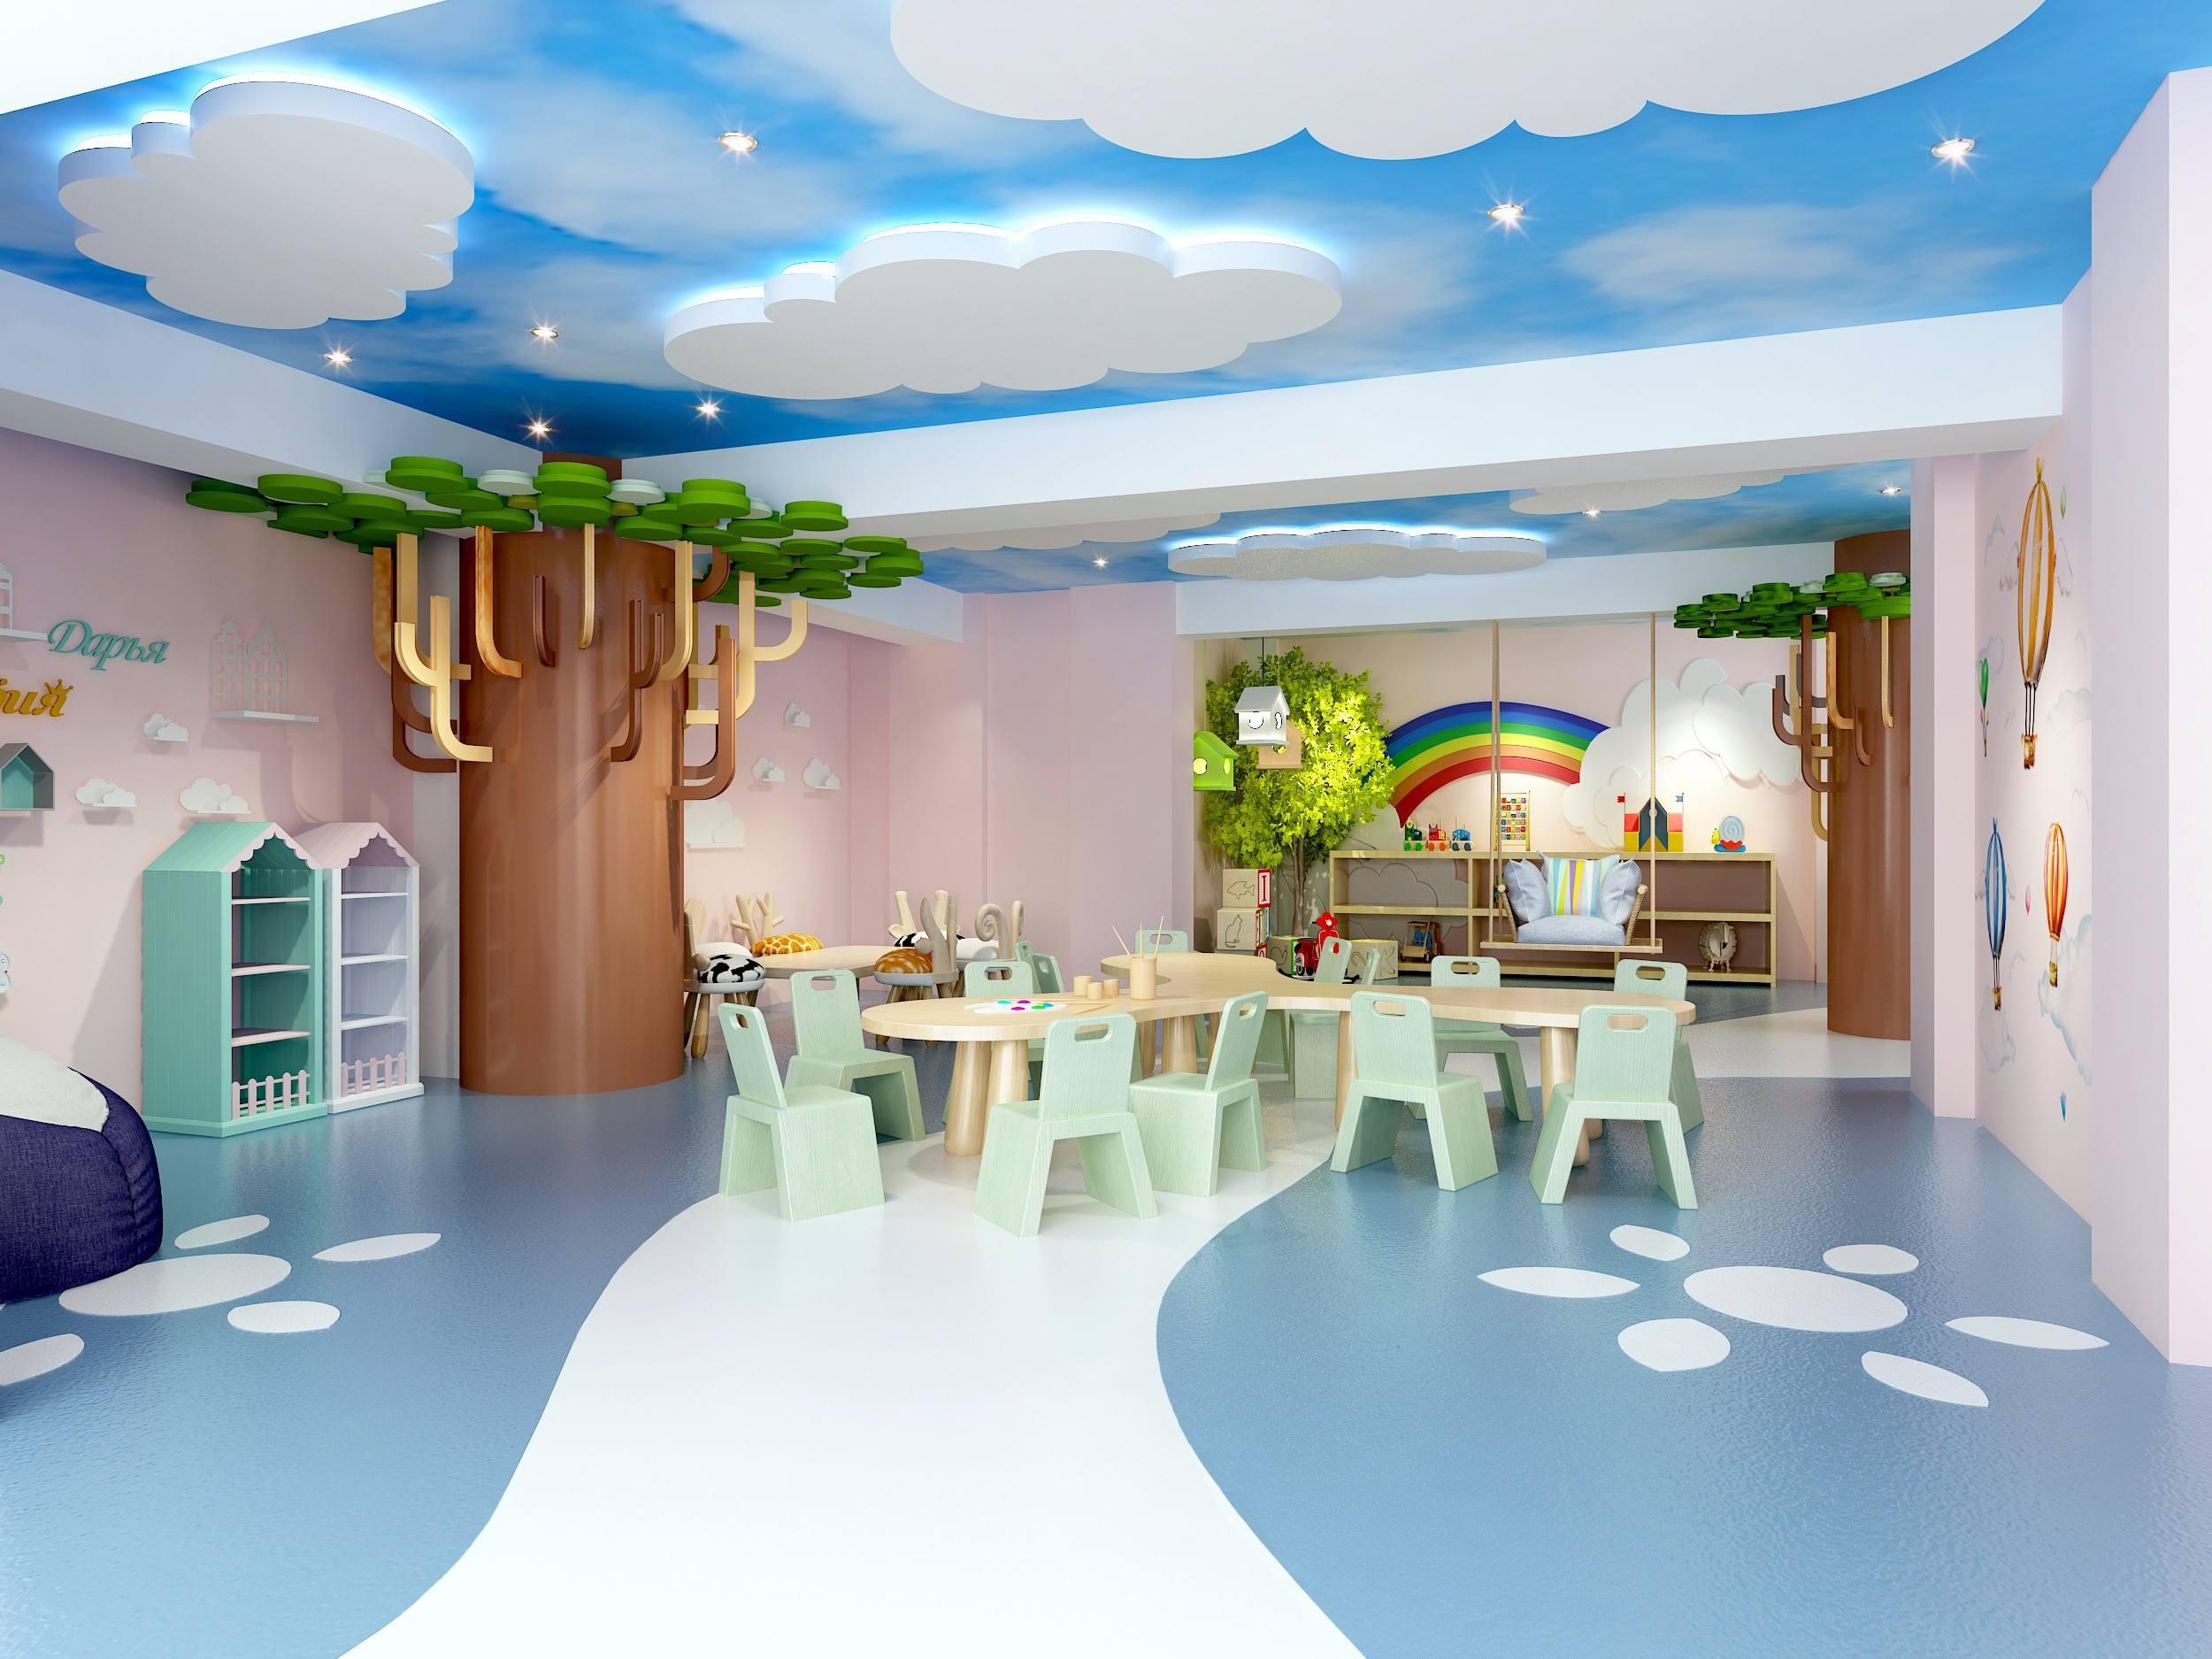 室內兒童樂園裝修效果圖